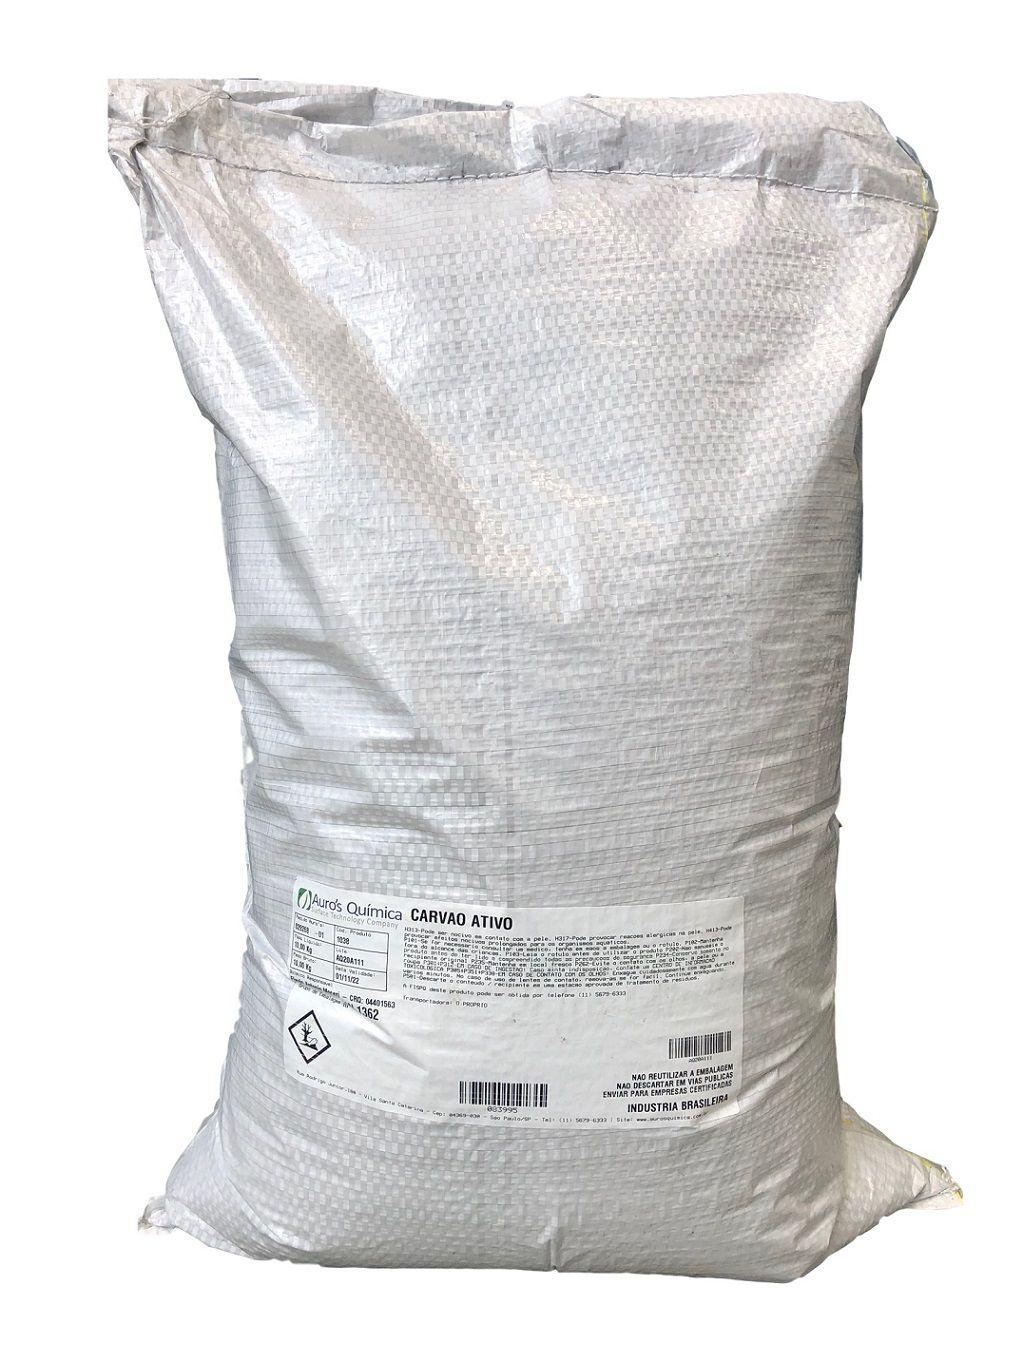 Carvão Ativo Vegetal (Pó Fino) - 10 Kg